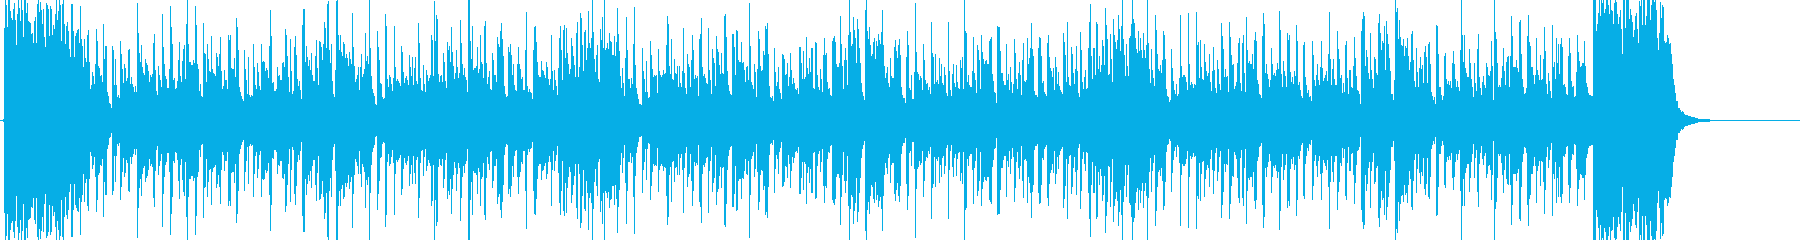 スリルを感じるファンキーソウルBGMの再生済みの波形